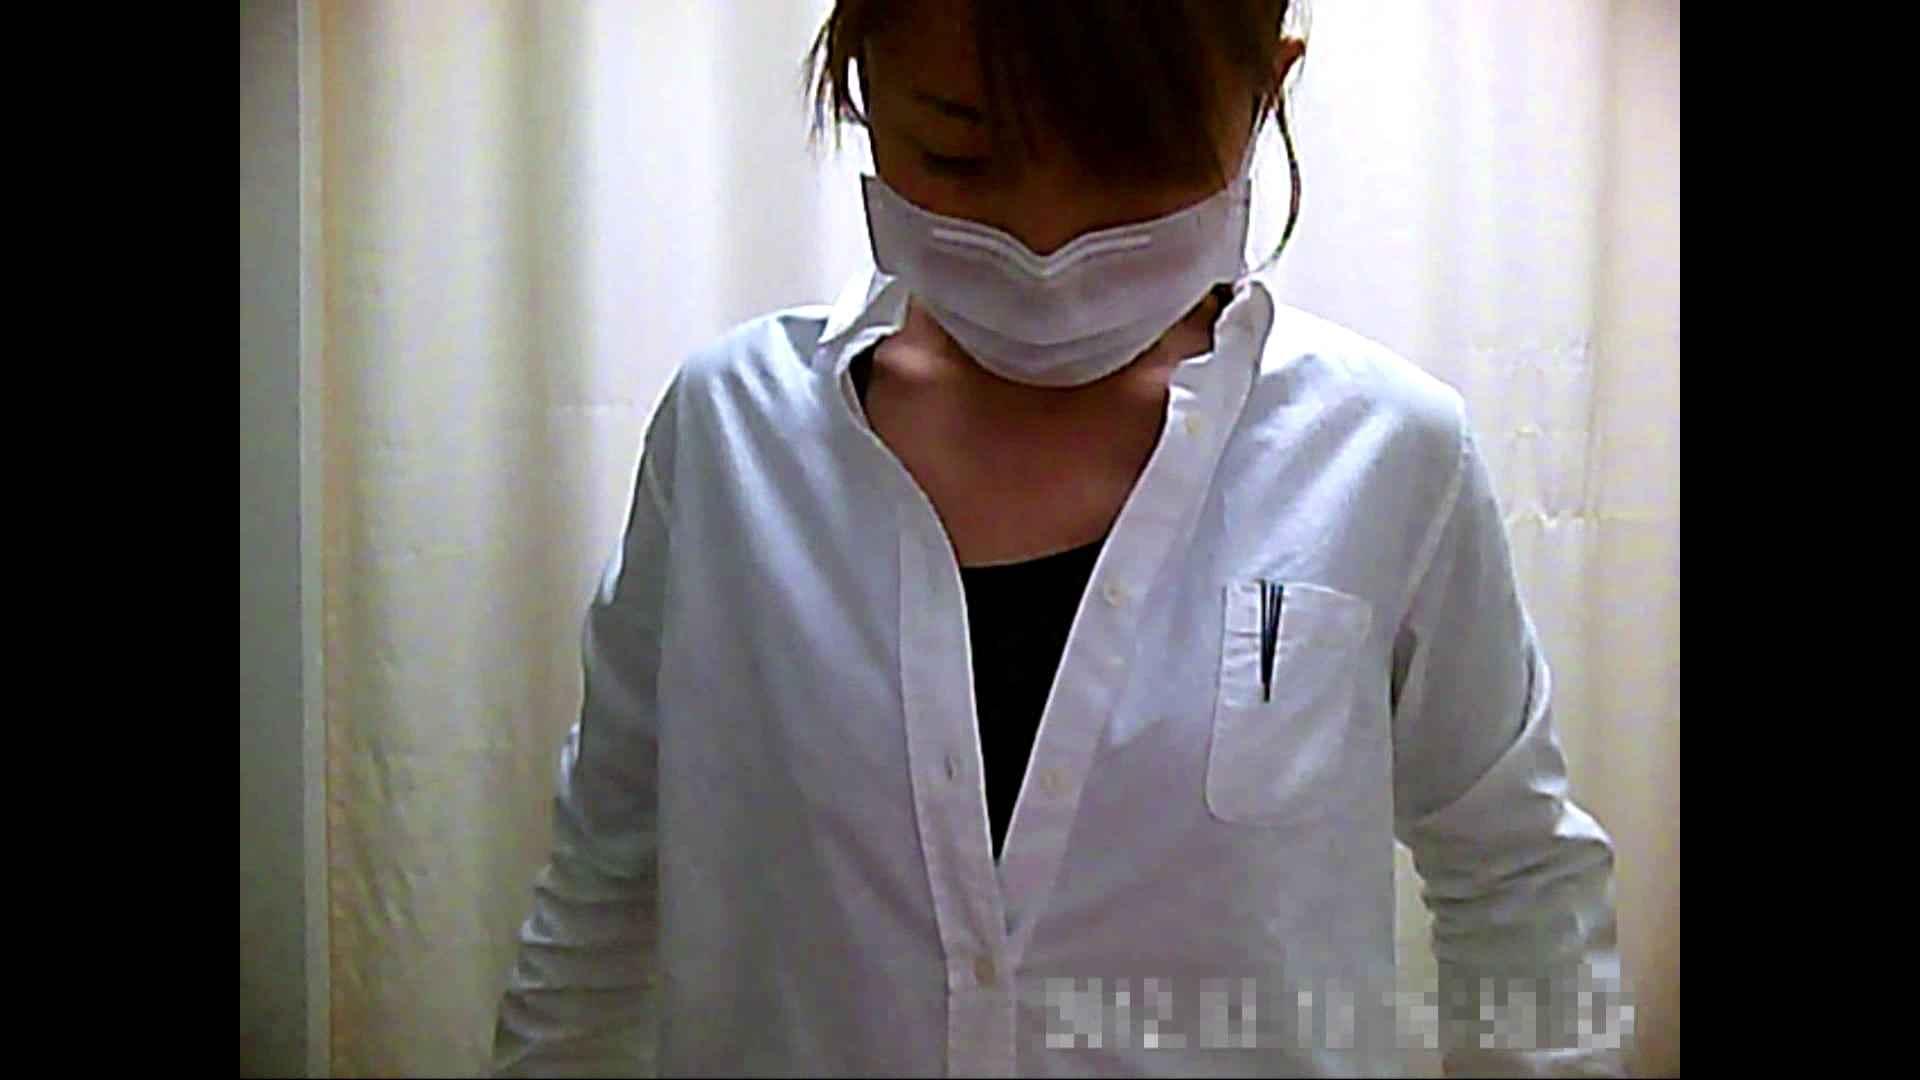 病院おもいっきり着替え! vol.266 おっぱい AV動画キャプチャ 68PIX 16